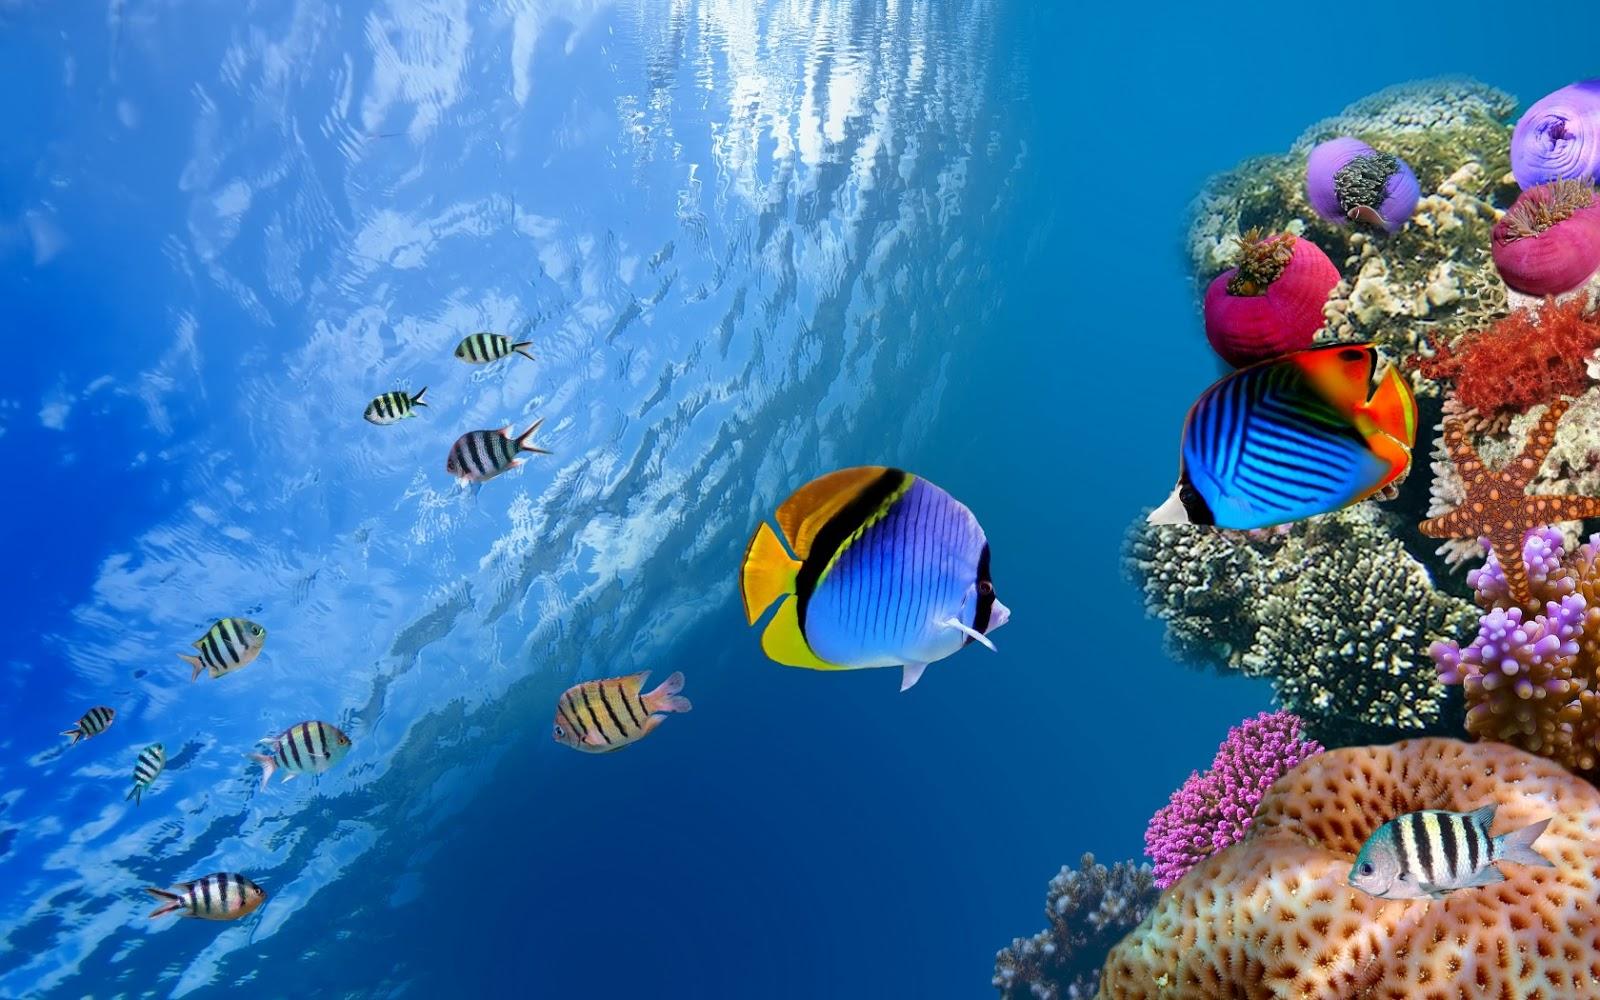 El Fondo Marino Museo de la Ciencia: La Vida en el Mar